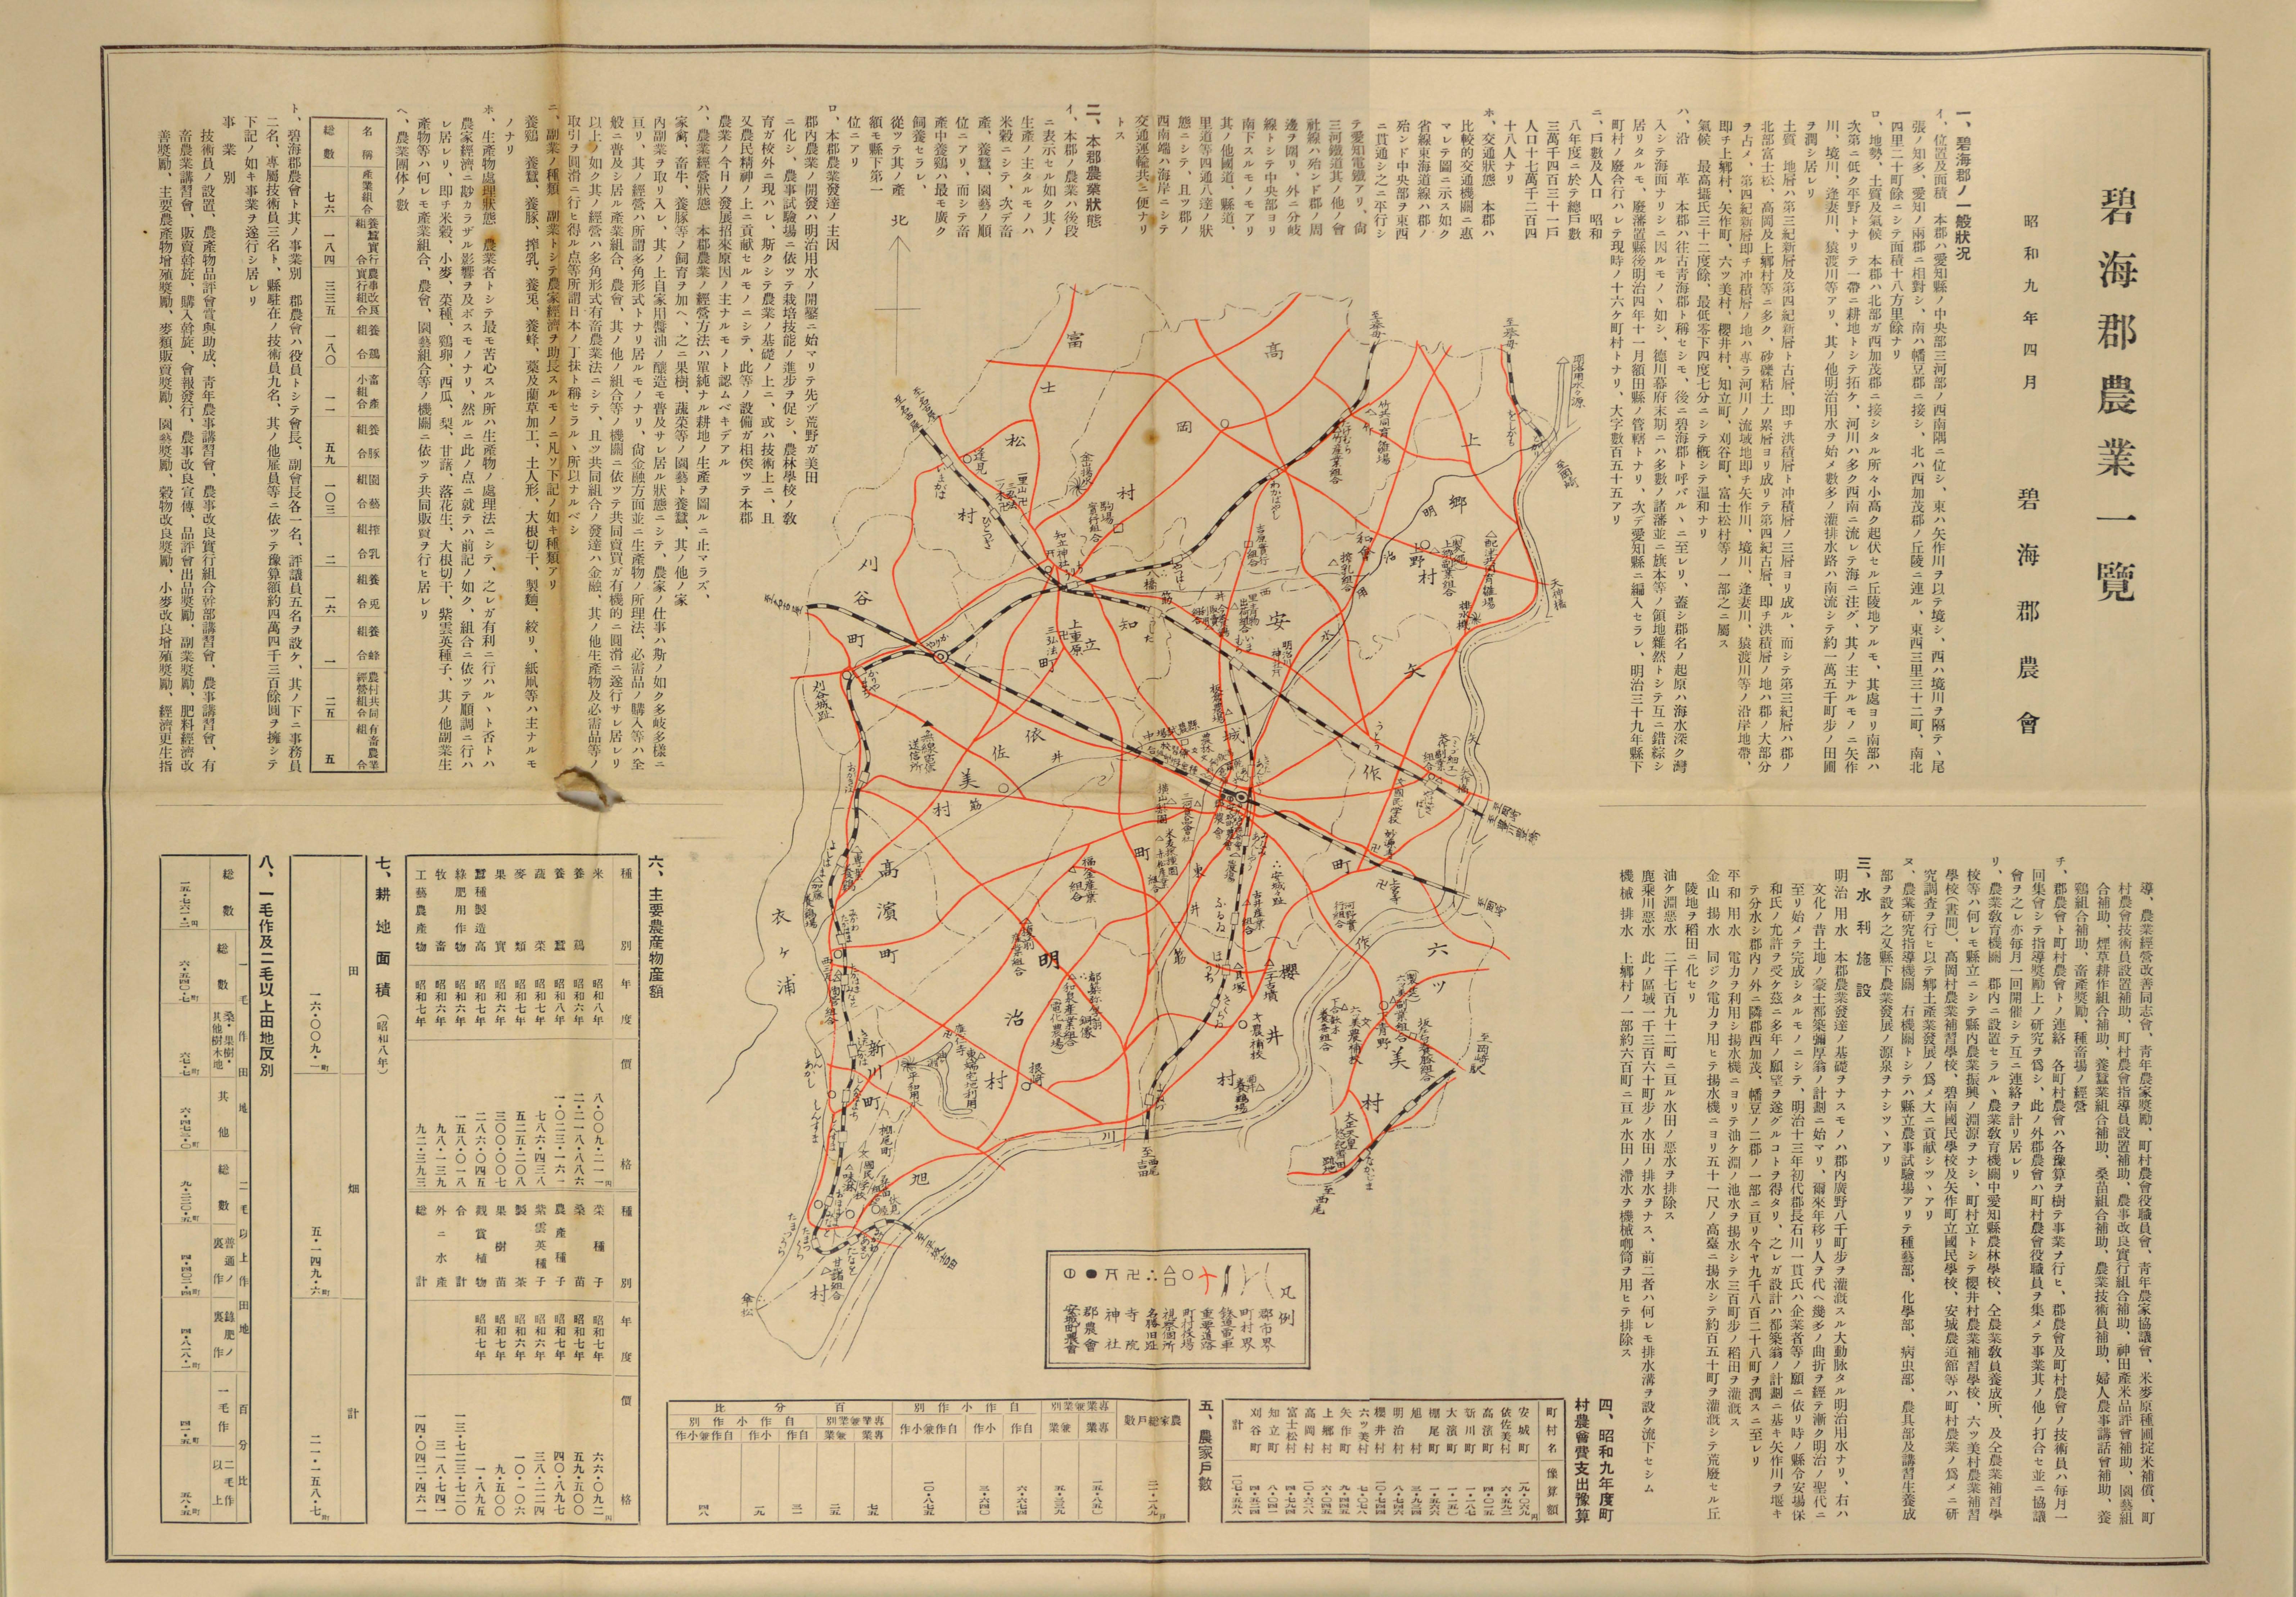 2018.1.30 碧海郡農業いちらん(あんじょうし歴史博物館) 6379-4436